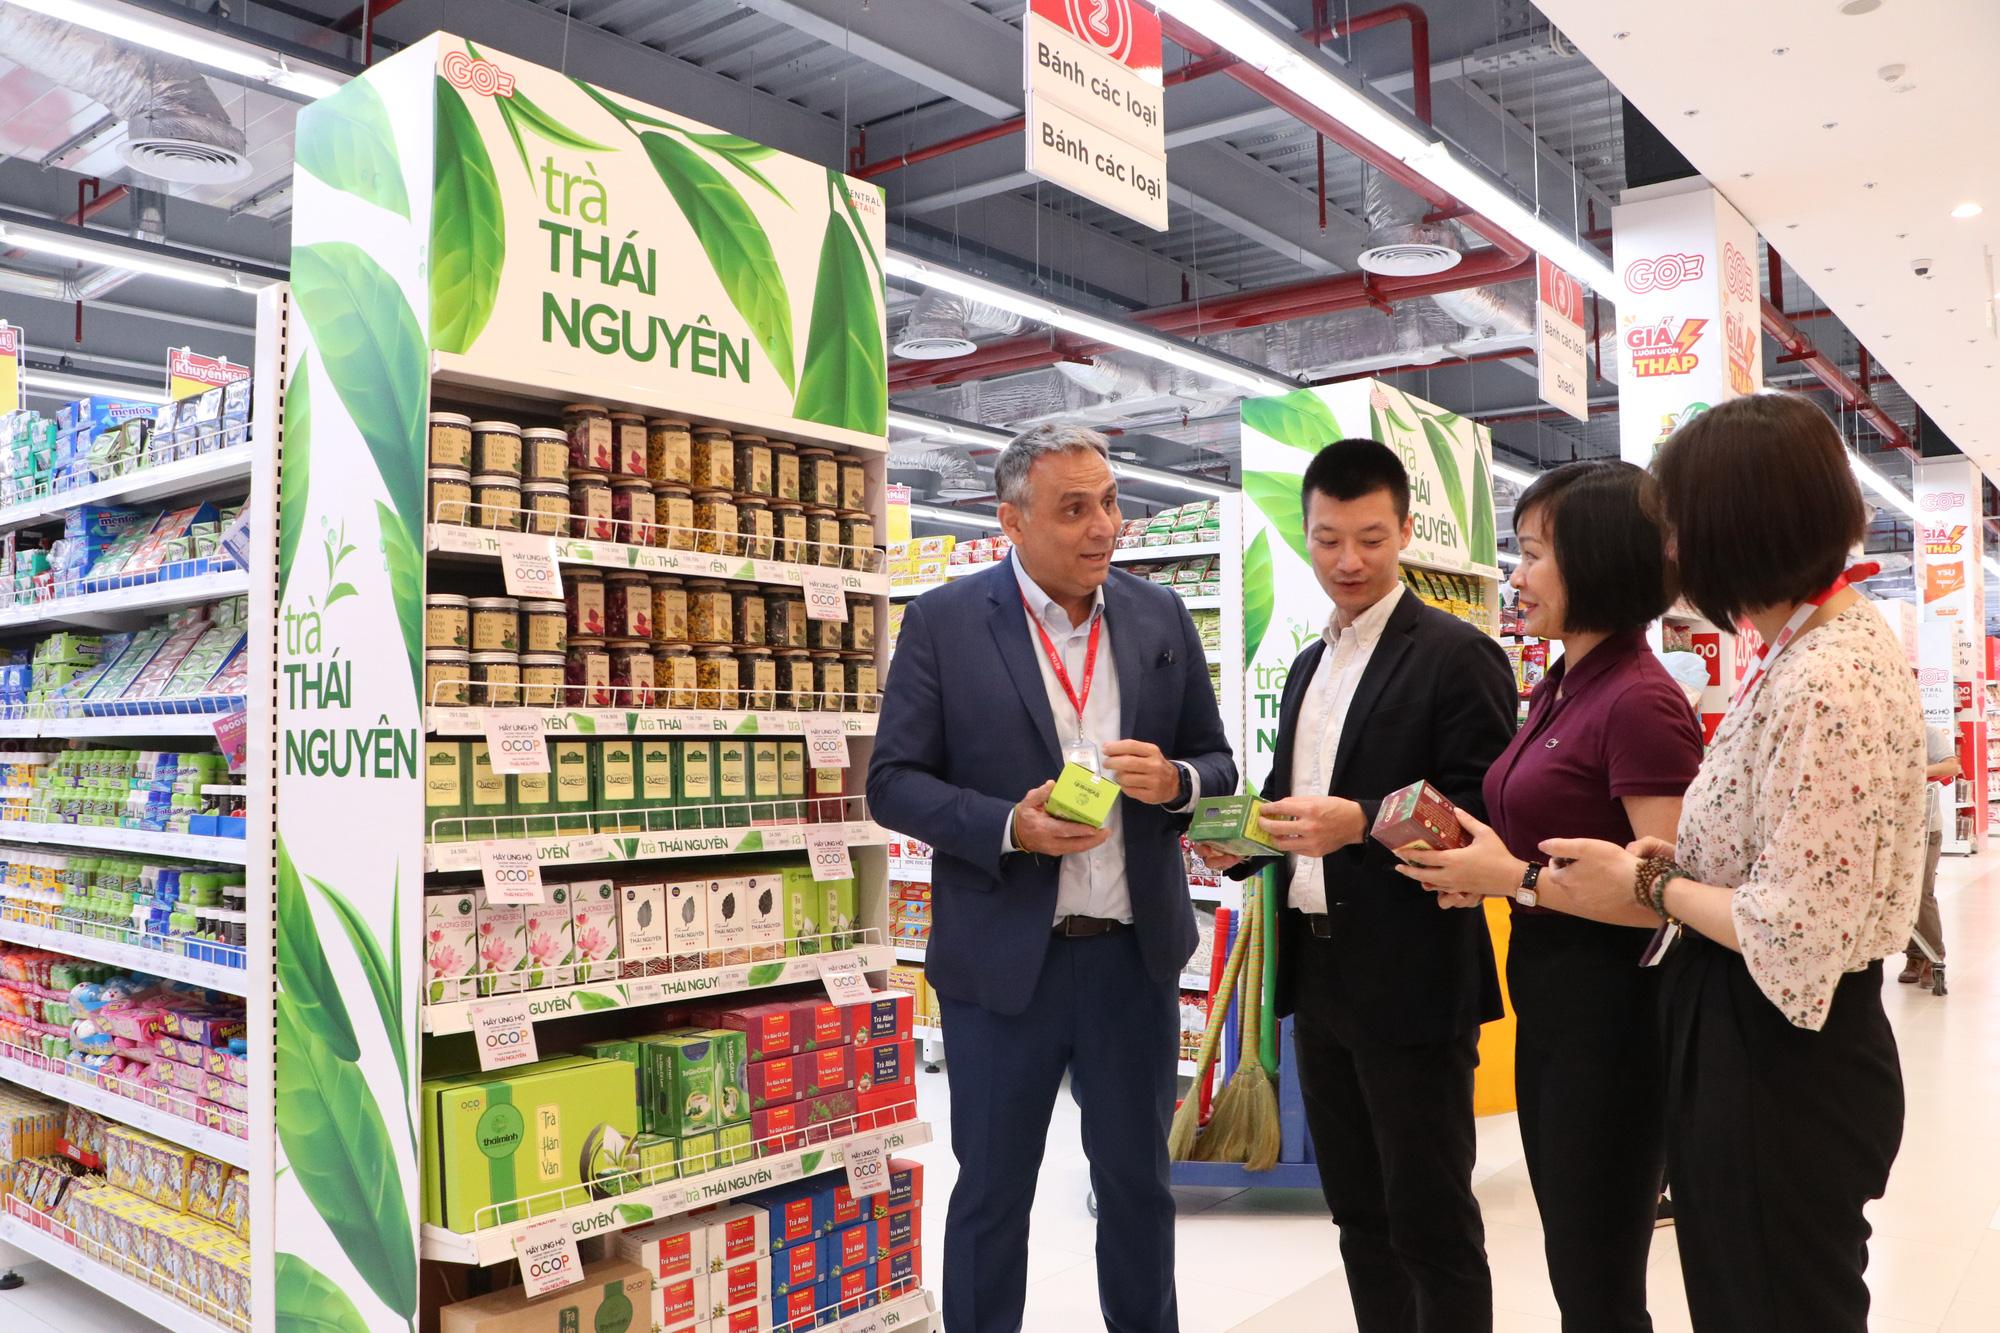 Thái Nguyên sắp khai trương Trung tâm thương mại hiện đại và lớn nhất cả nước - Ảnh 2.